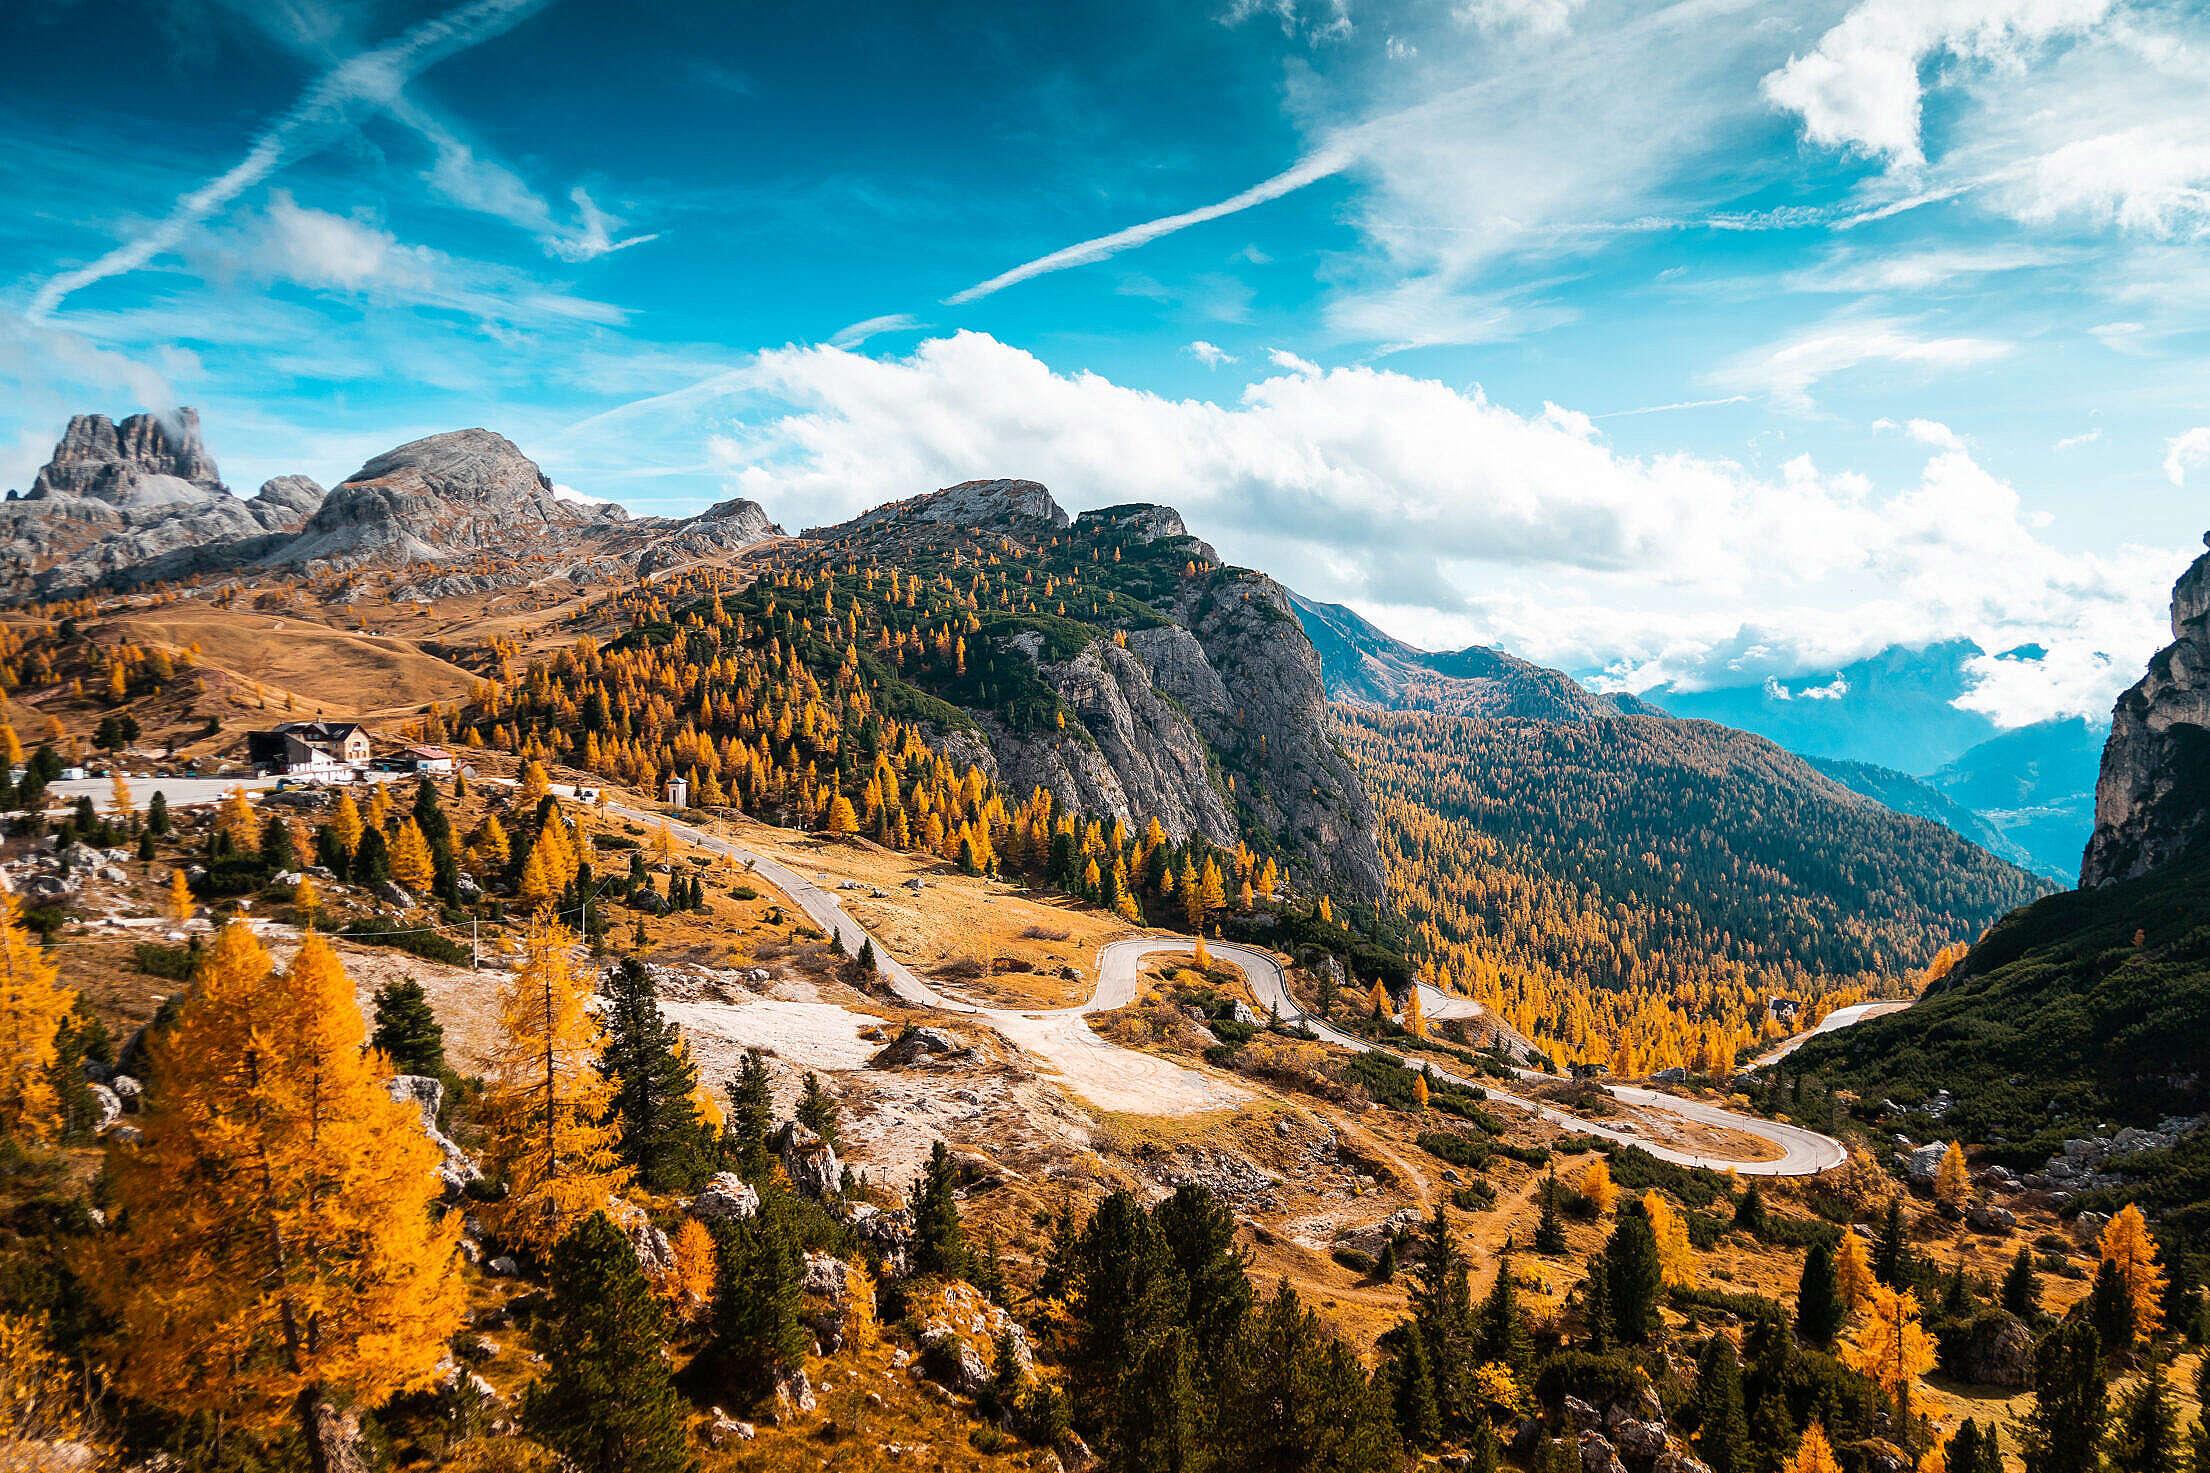 Falzarego Pass Mountain Road in Dolomites, Italy Free Stock Photo